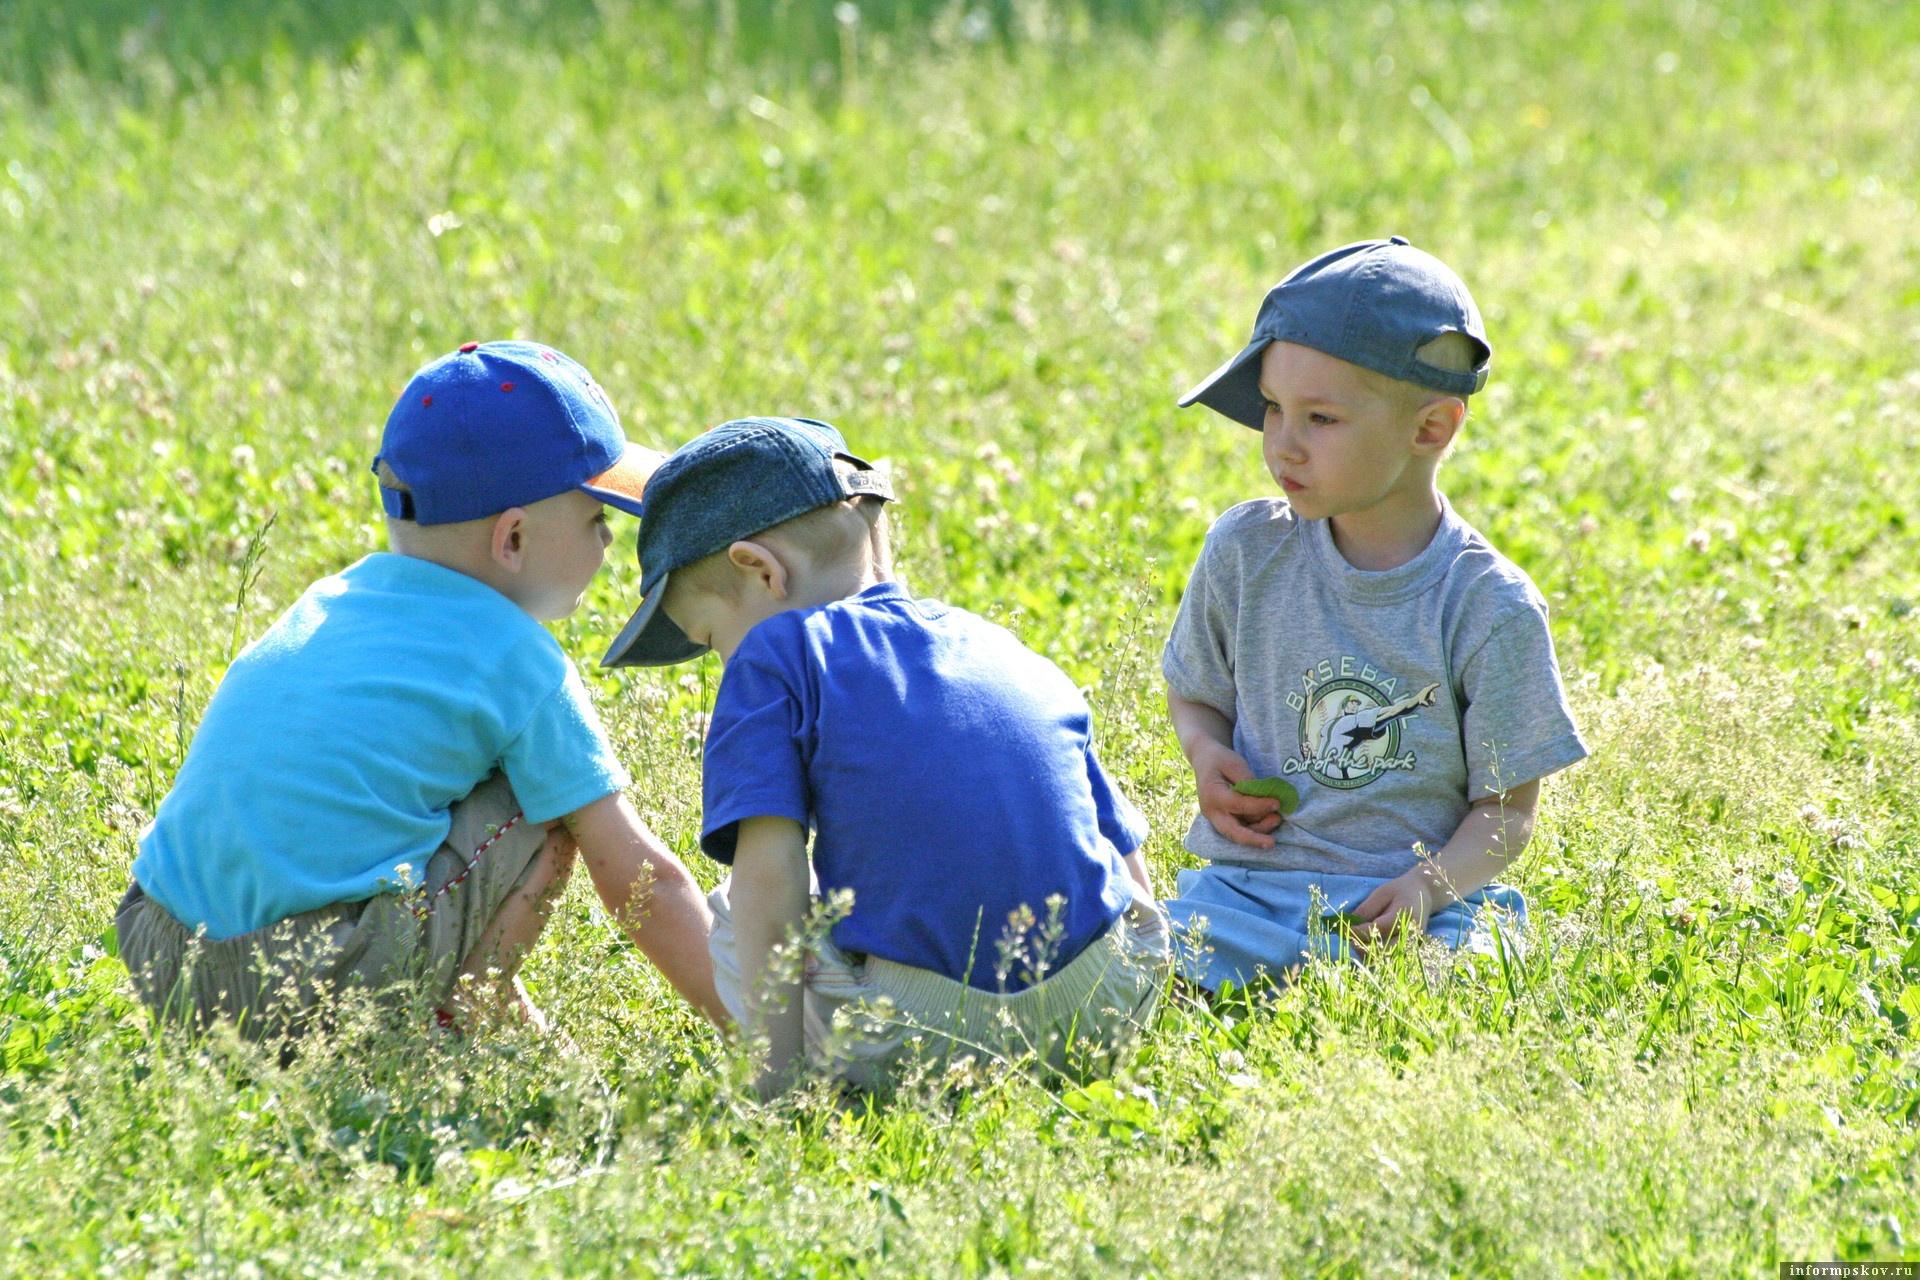 Детские пособия выплатят до 1 августа. Фото Андрея Степанова.